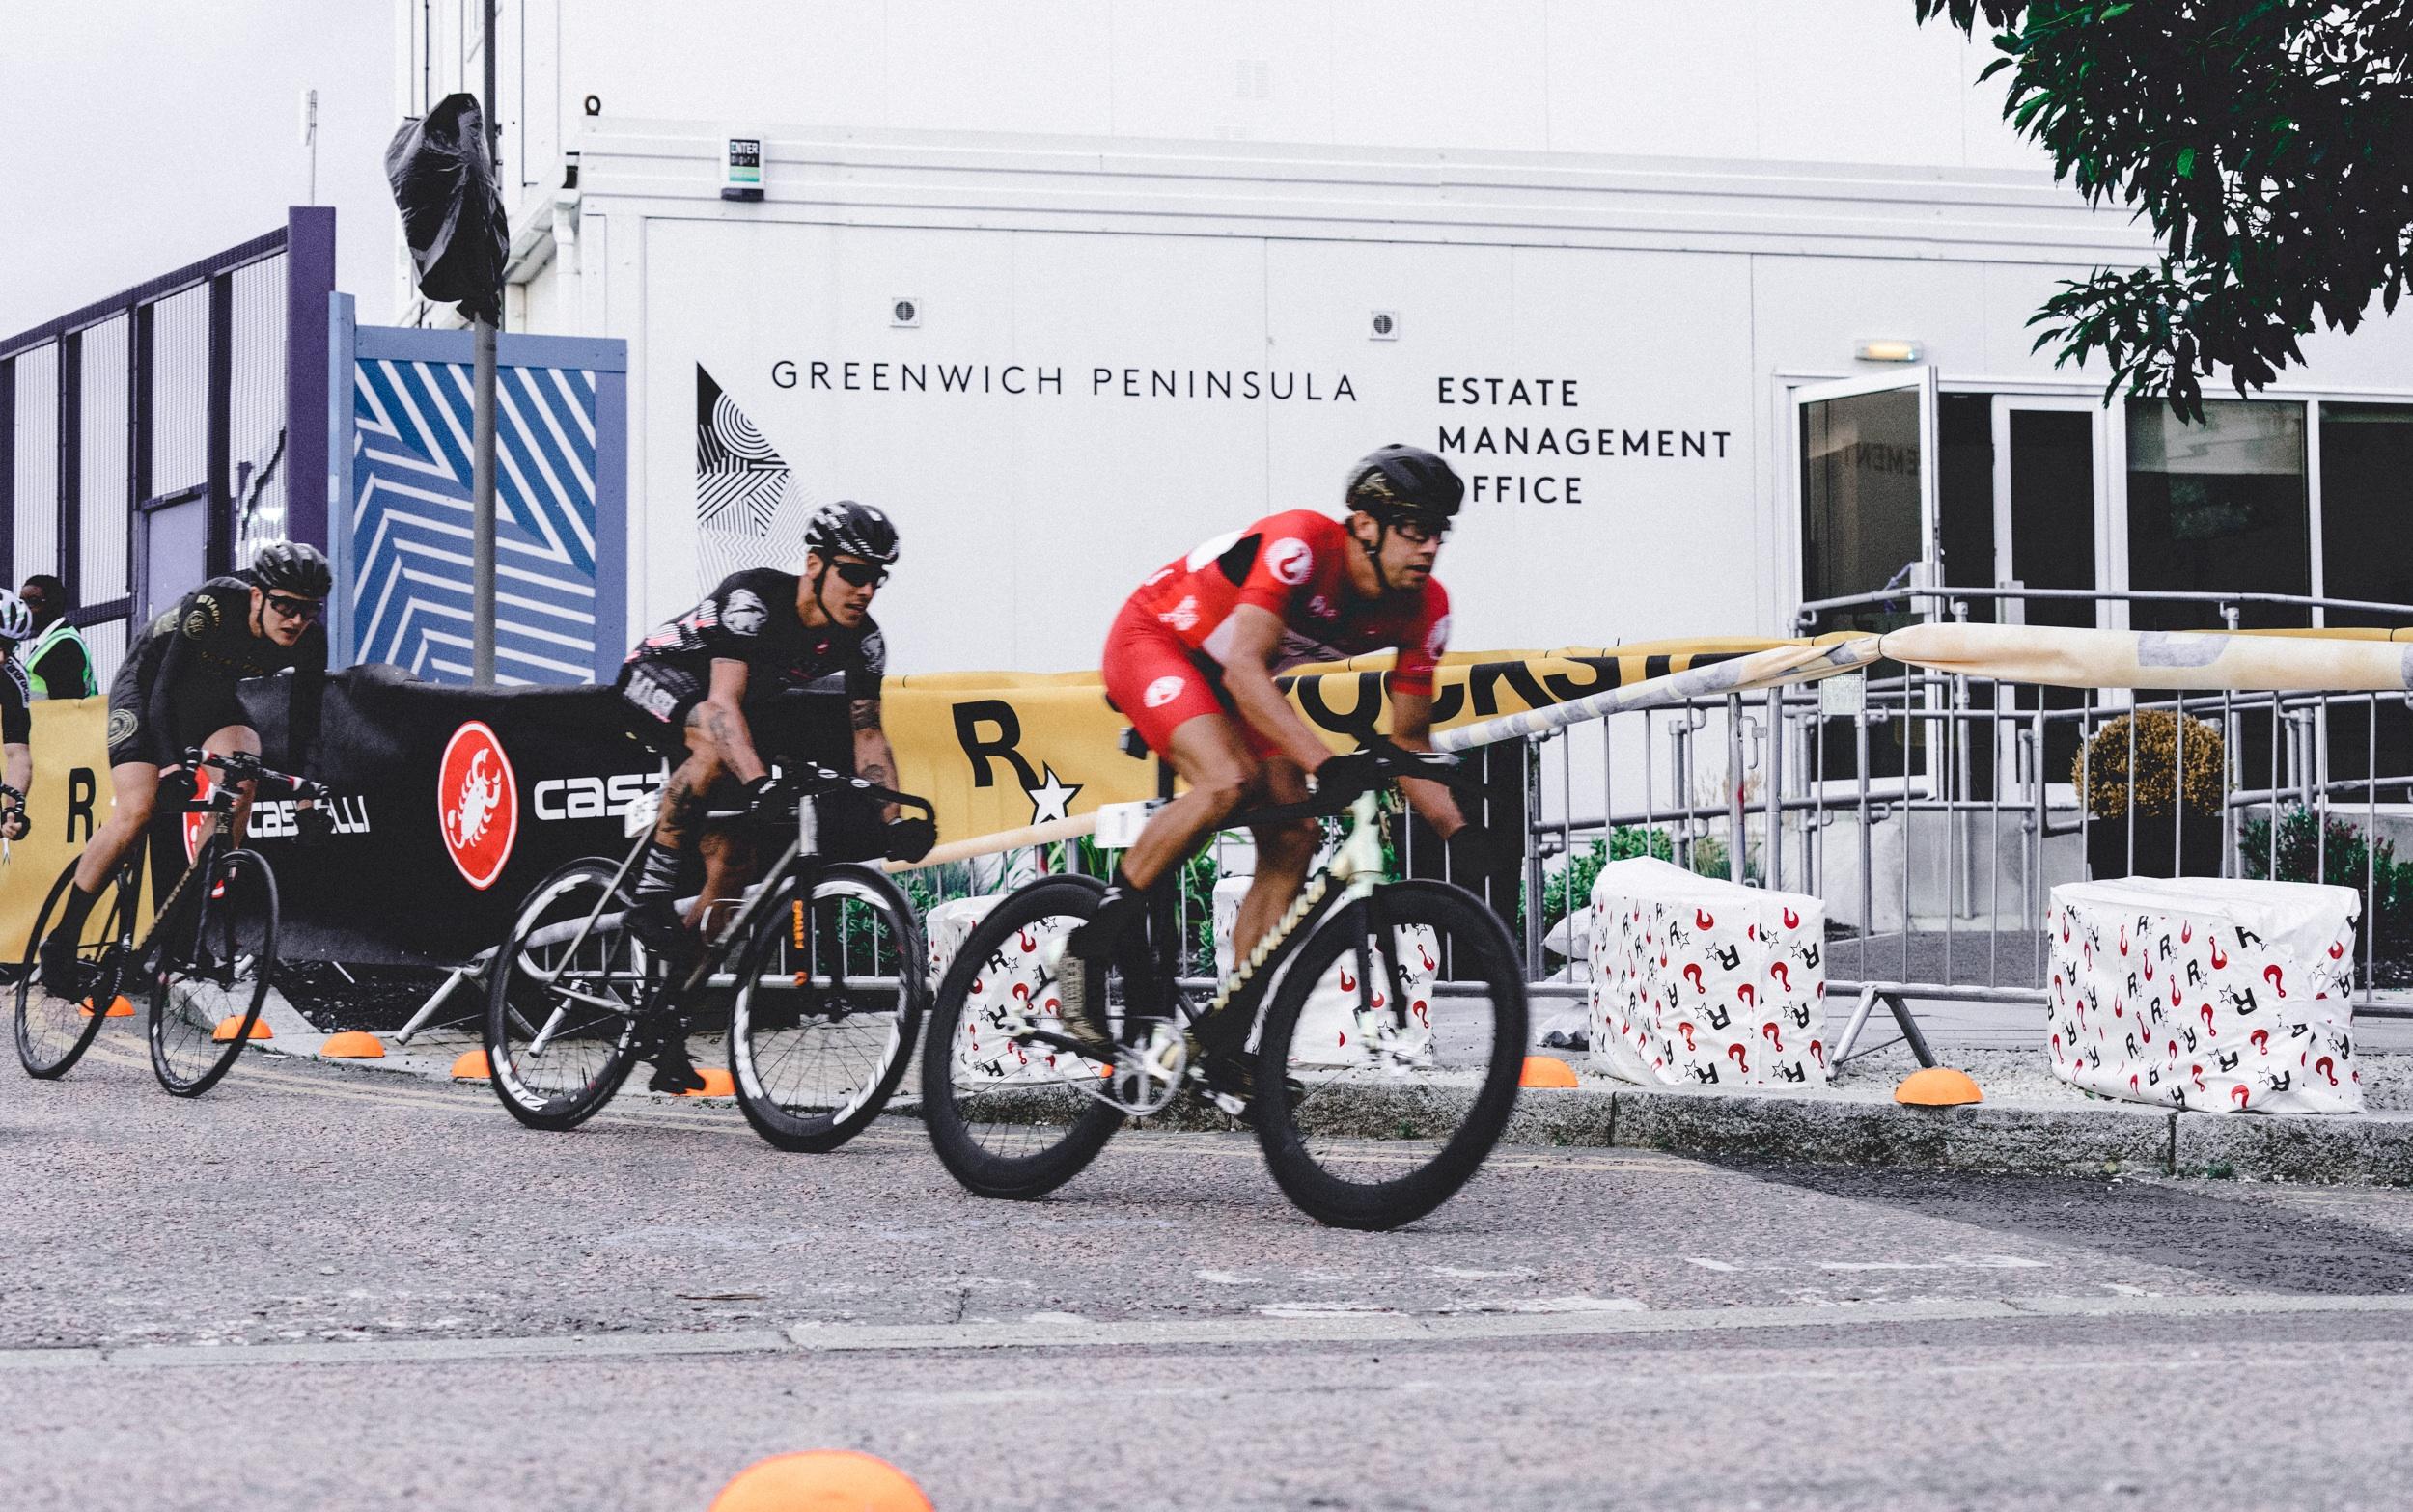 fa0d7f6f699f5c Fahrrad Fahrzeug Sportausrüstung Mountainbike Radfahren Rennen Mannschaft  Sport Ausdauer Straßenradfahren Radsport Fahrradrennen Straßenfahrrad ...